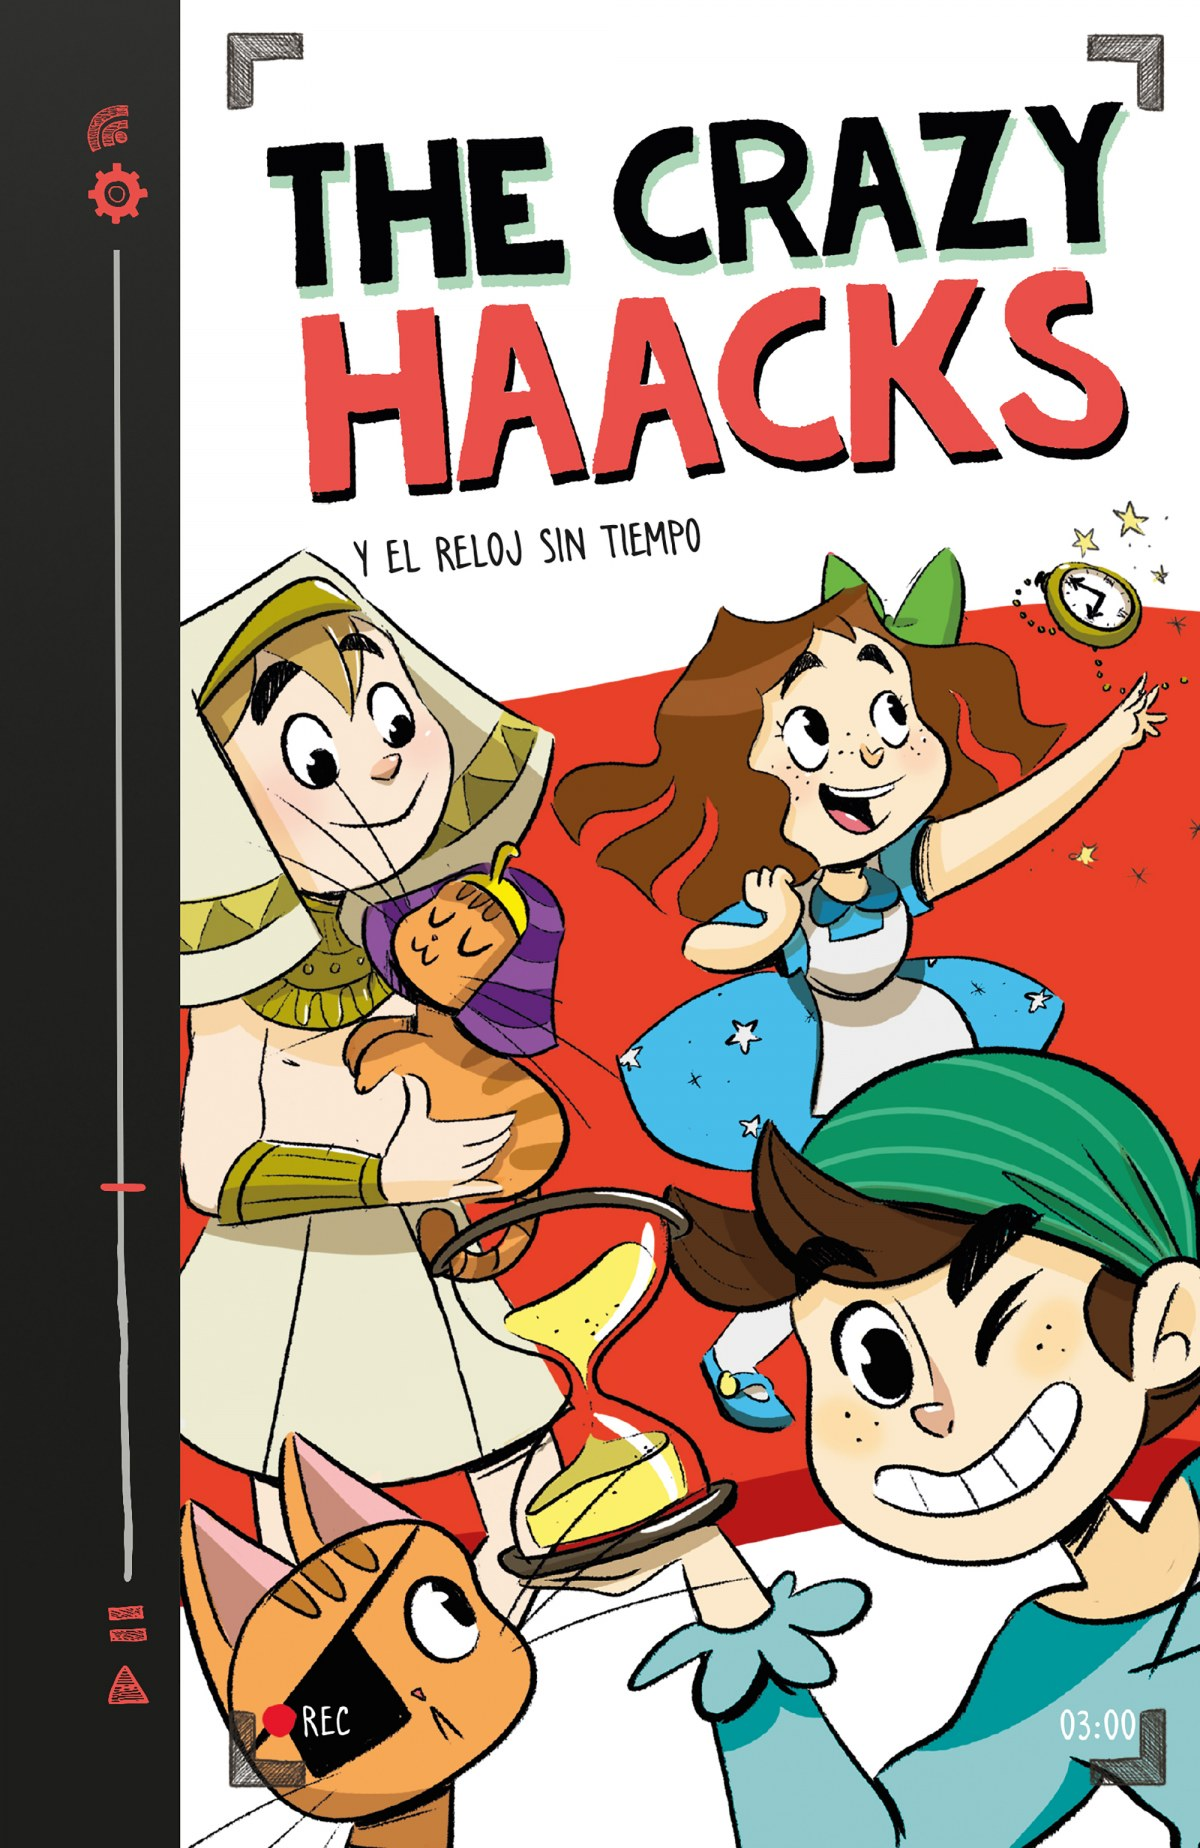 THE CRAZY HAACKS Y EL RELOJ SIN TIEMPO 9788417460747